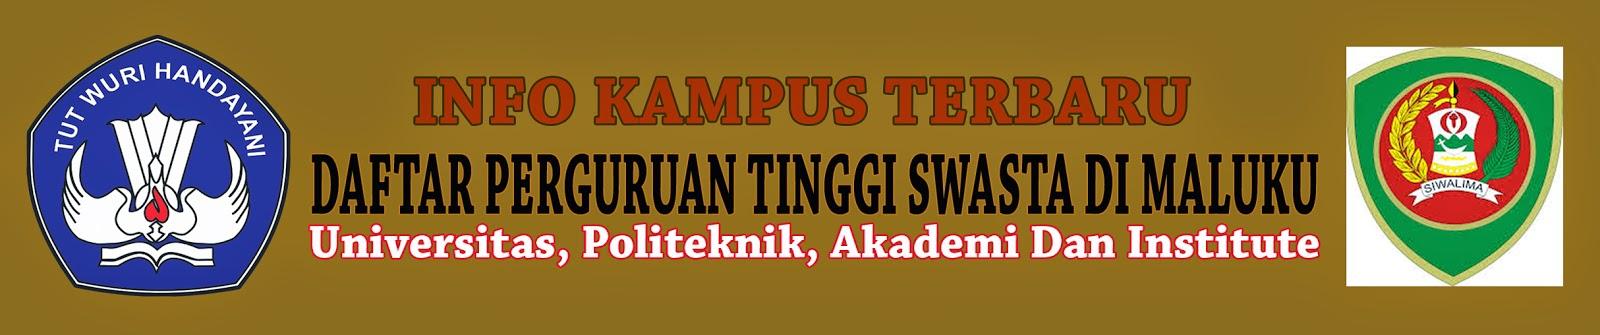 Daftar Lengkap Perguruan Tinggi Swasta Di Maluku